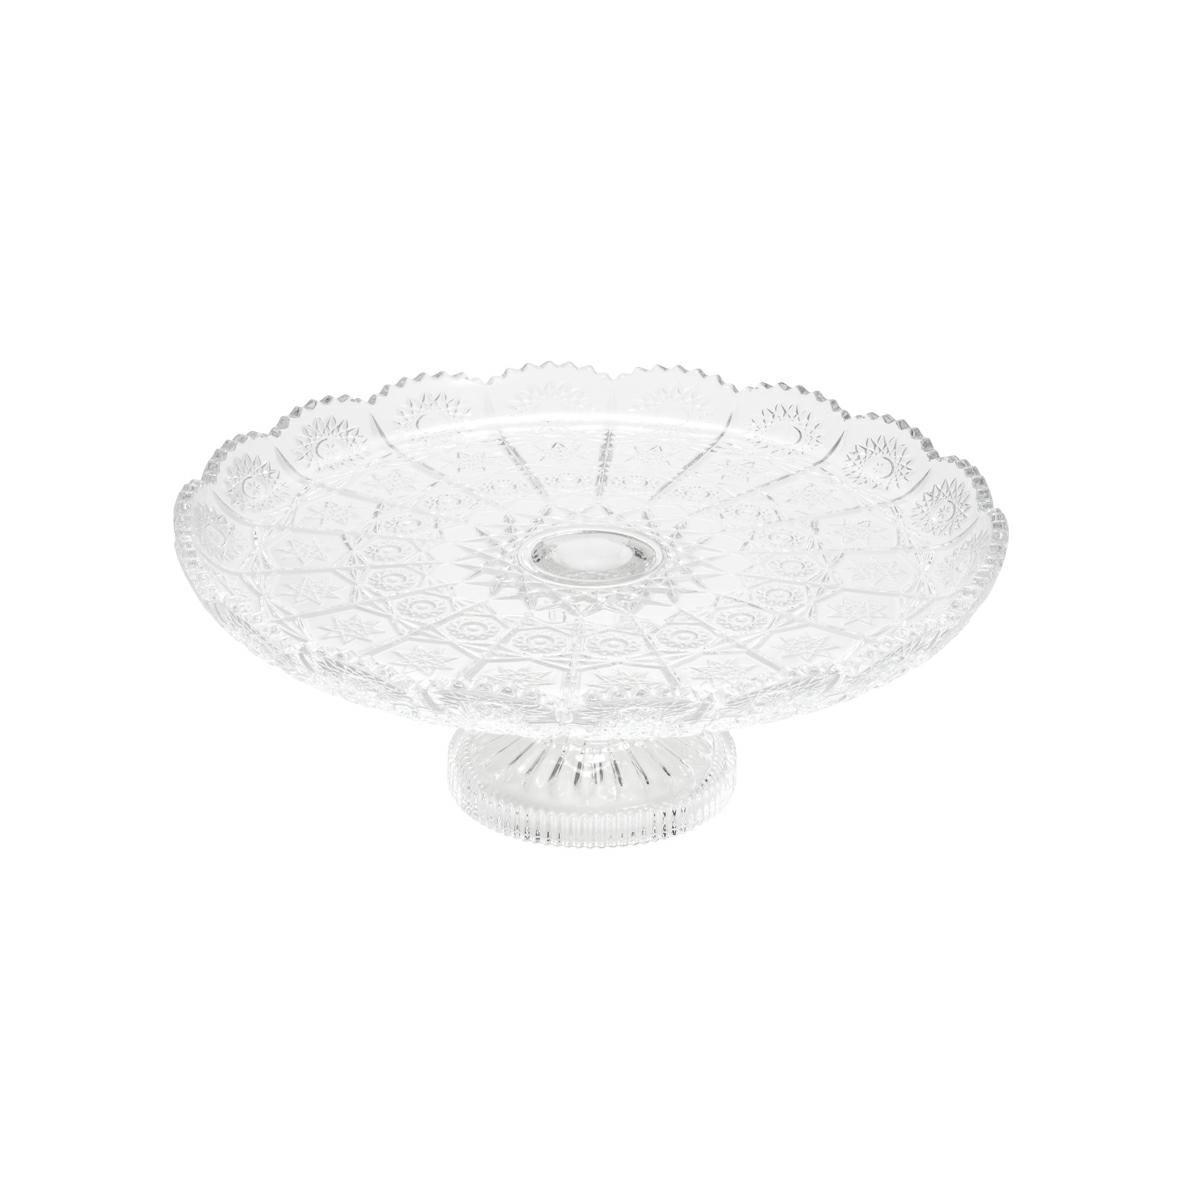 Prato 18 cm para bolo de cristal transparente com pé Starry Wolff - 25542